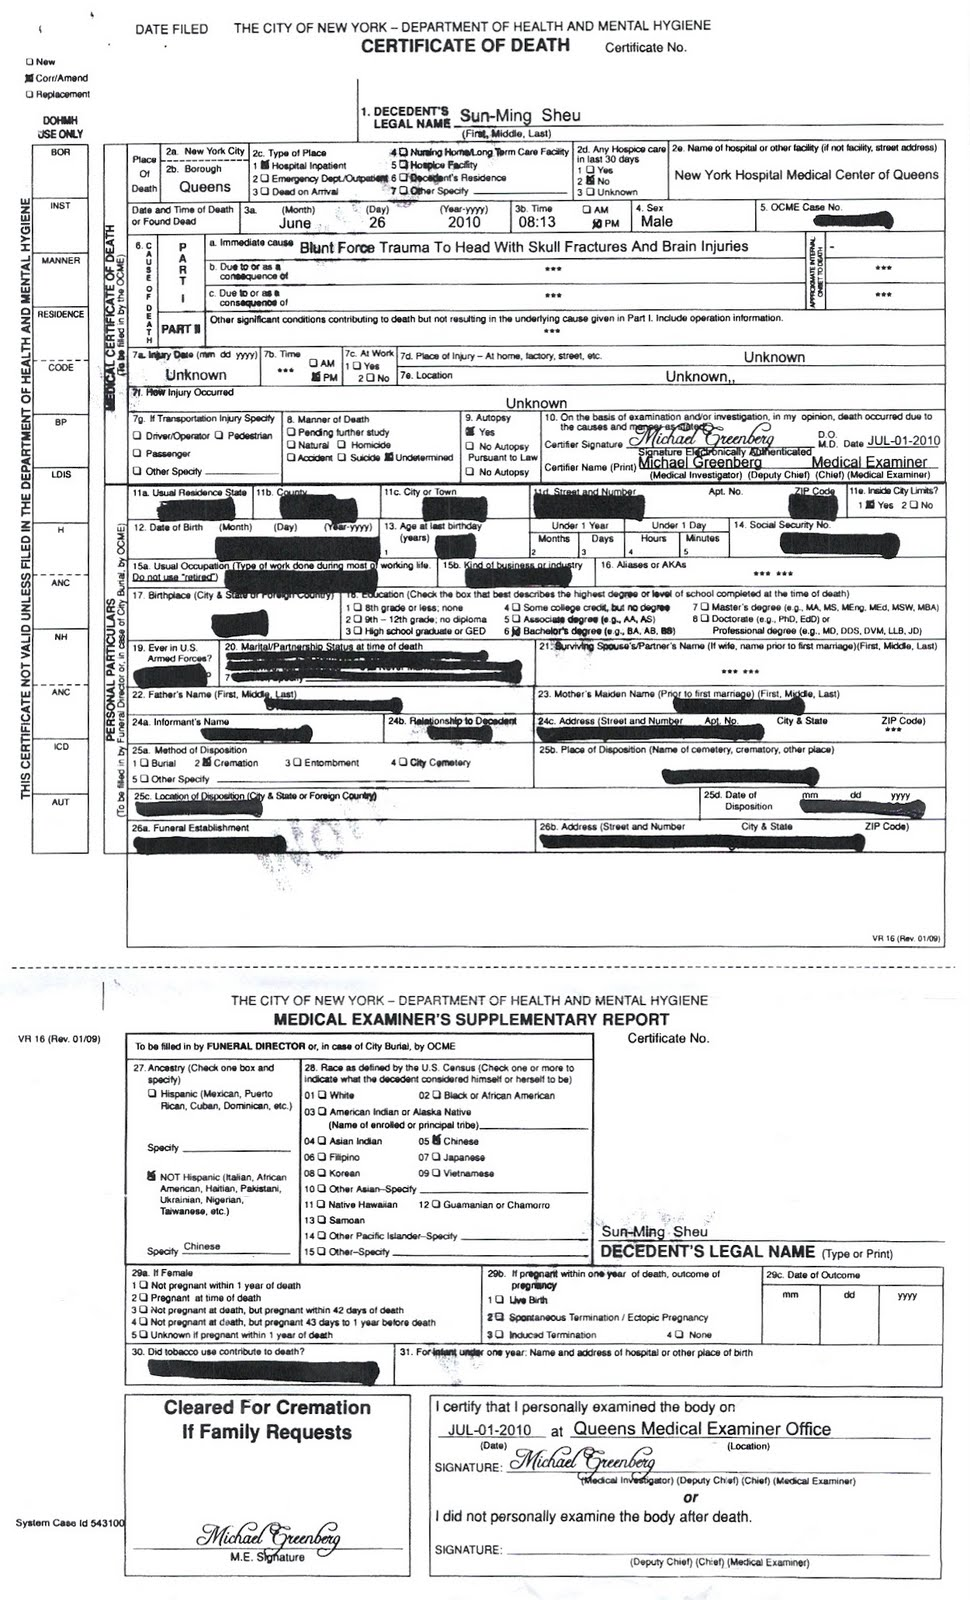 The Murder of Sunny Sheu: Sunny Sheu Death Certificate